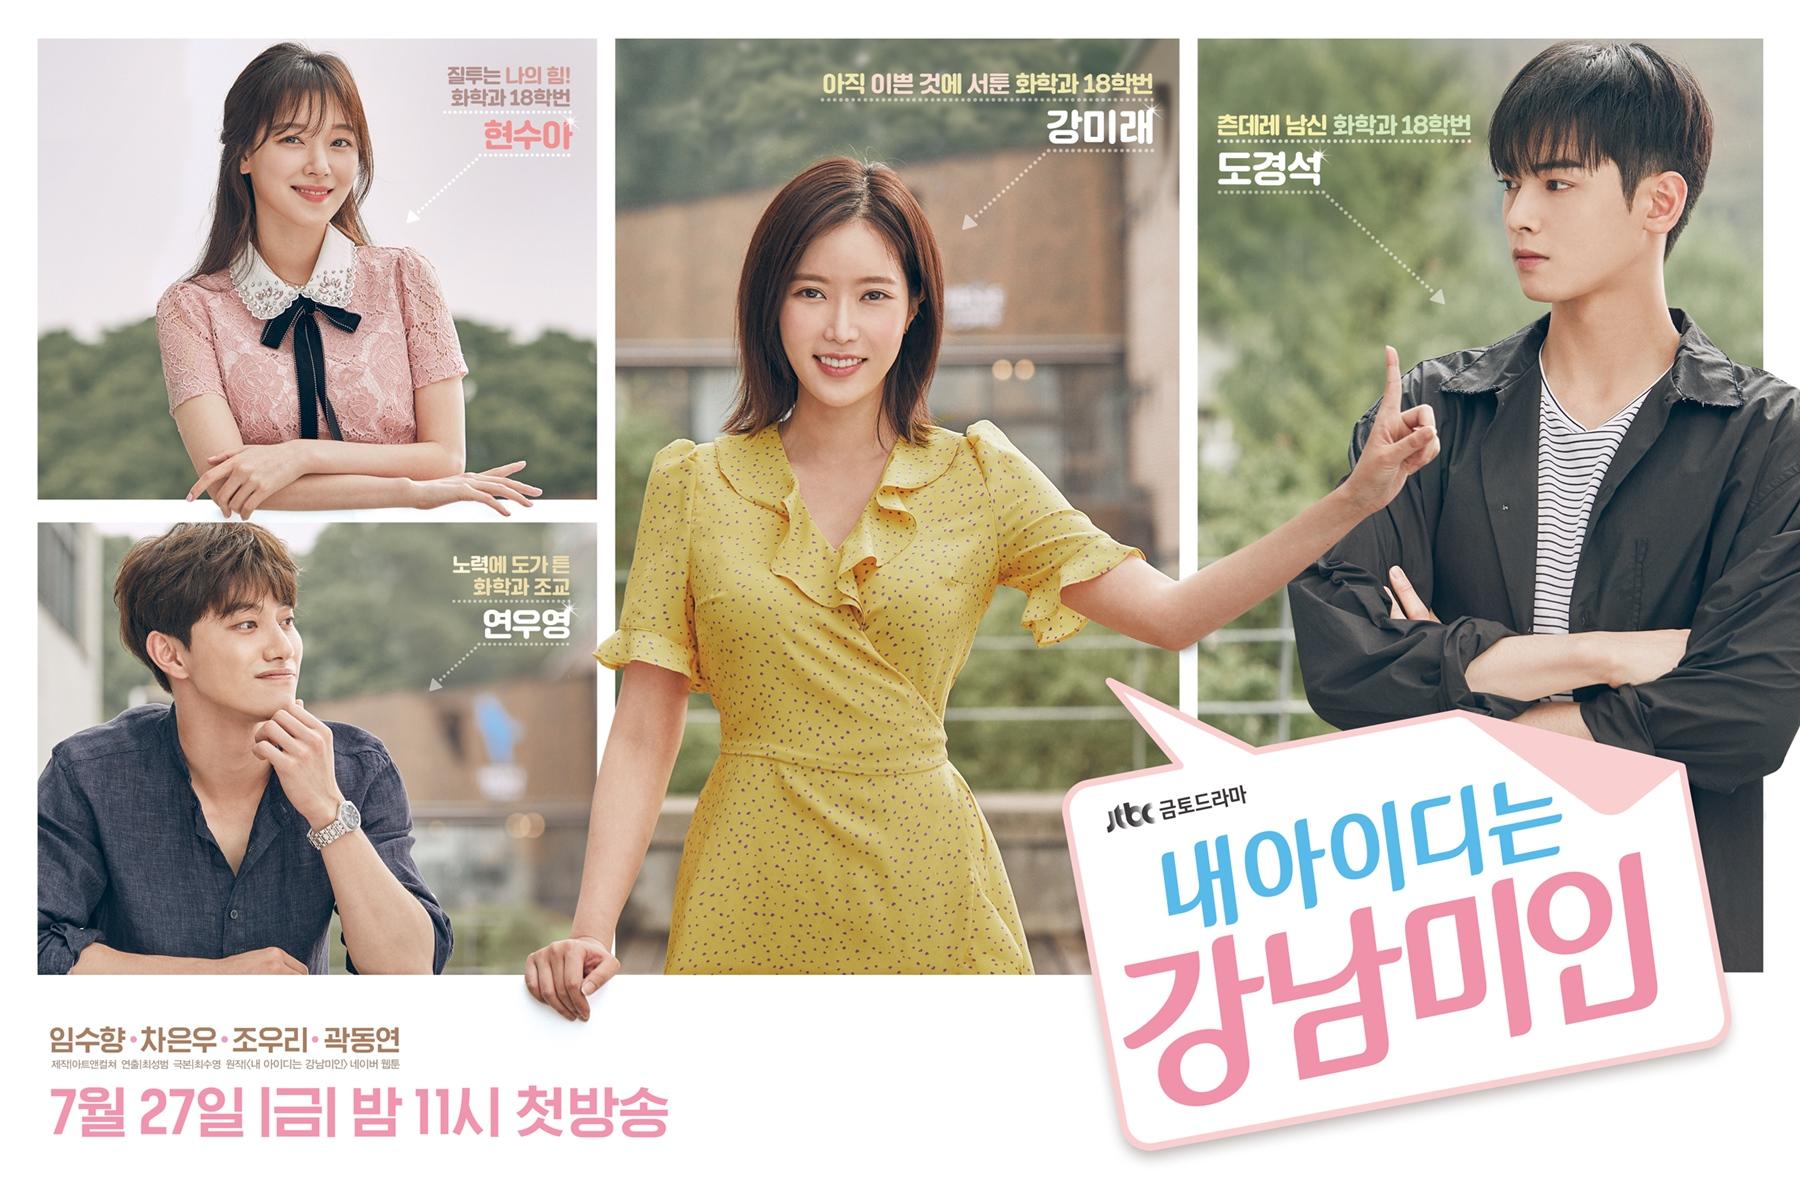 '내 아이디는 강남미인' 임수향-차은우-조우리-곽동연, 포스터부터 빛나는 캠퍼스 4인방